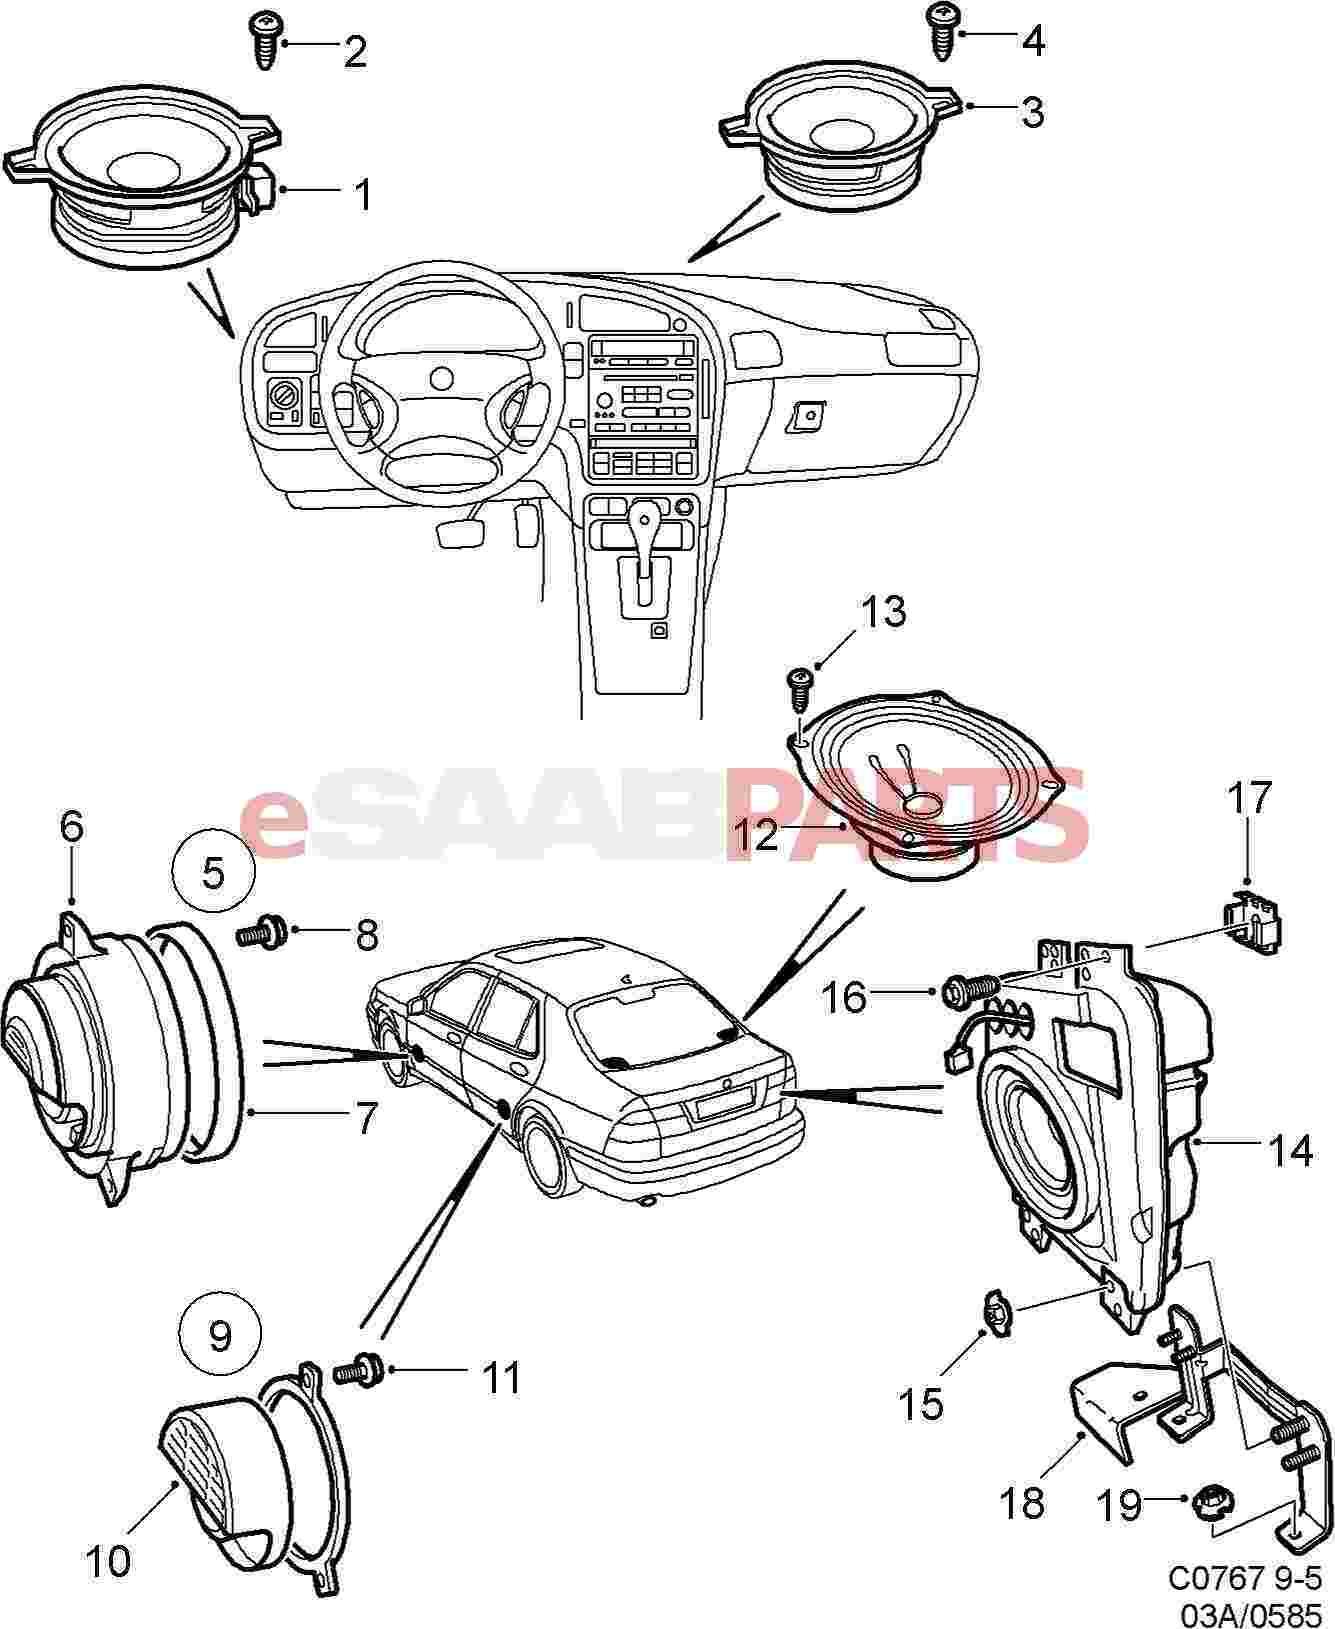 4617007  Saab Loudspeaker